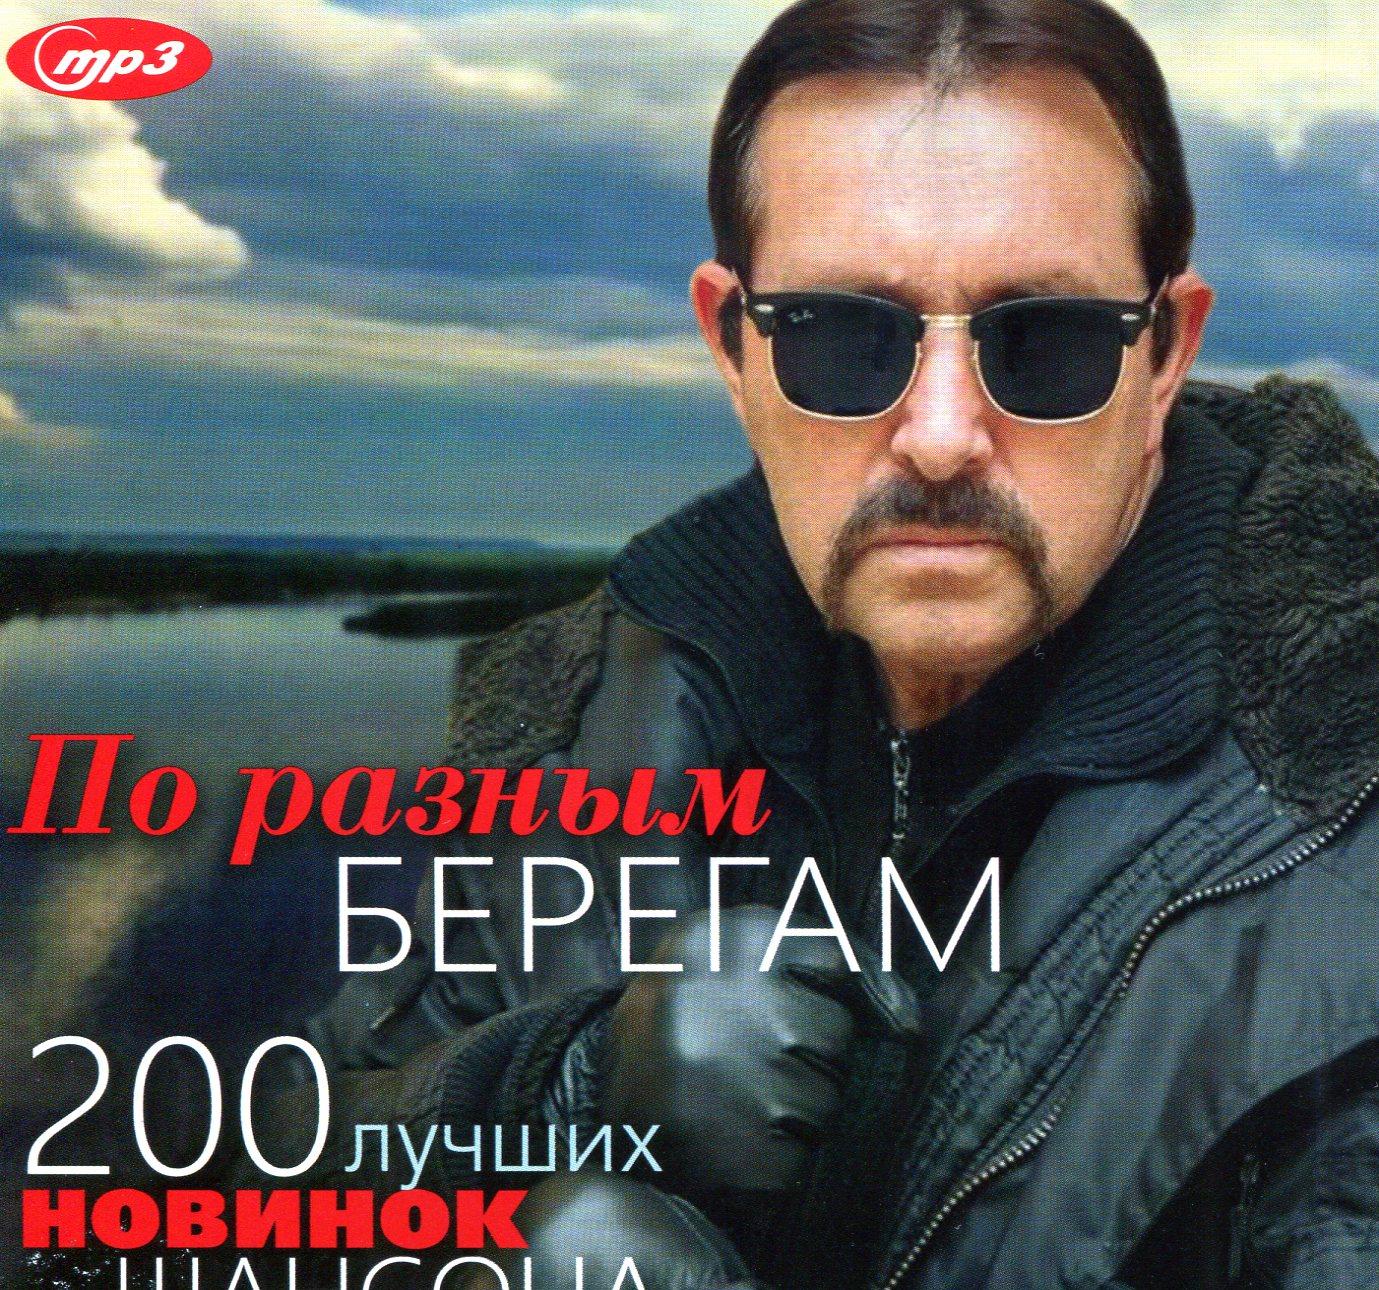 ПО РАЗНЫМ БЕРЕГАМ - 200 лучших новинок шансона [mp3]